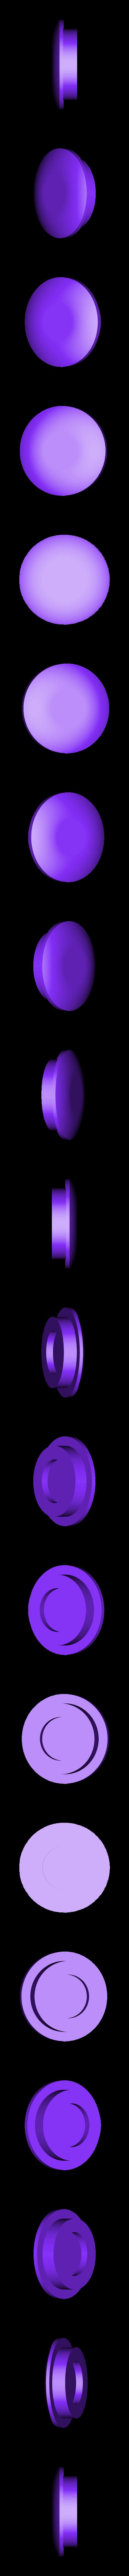 MagnetCap_wall_bracket_10x1.8mm_v1.stl Télécharger fichier STL gratuit Porte-serviettes en papier GRAB et GO. (Pour montage mural ou sur panneau IKEA !) • Design imprimable en 3D, 3DED